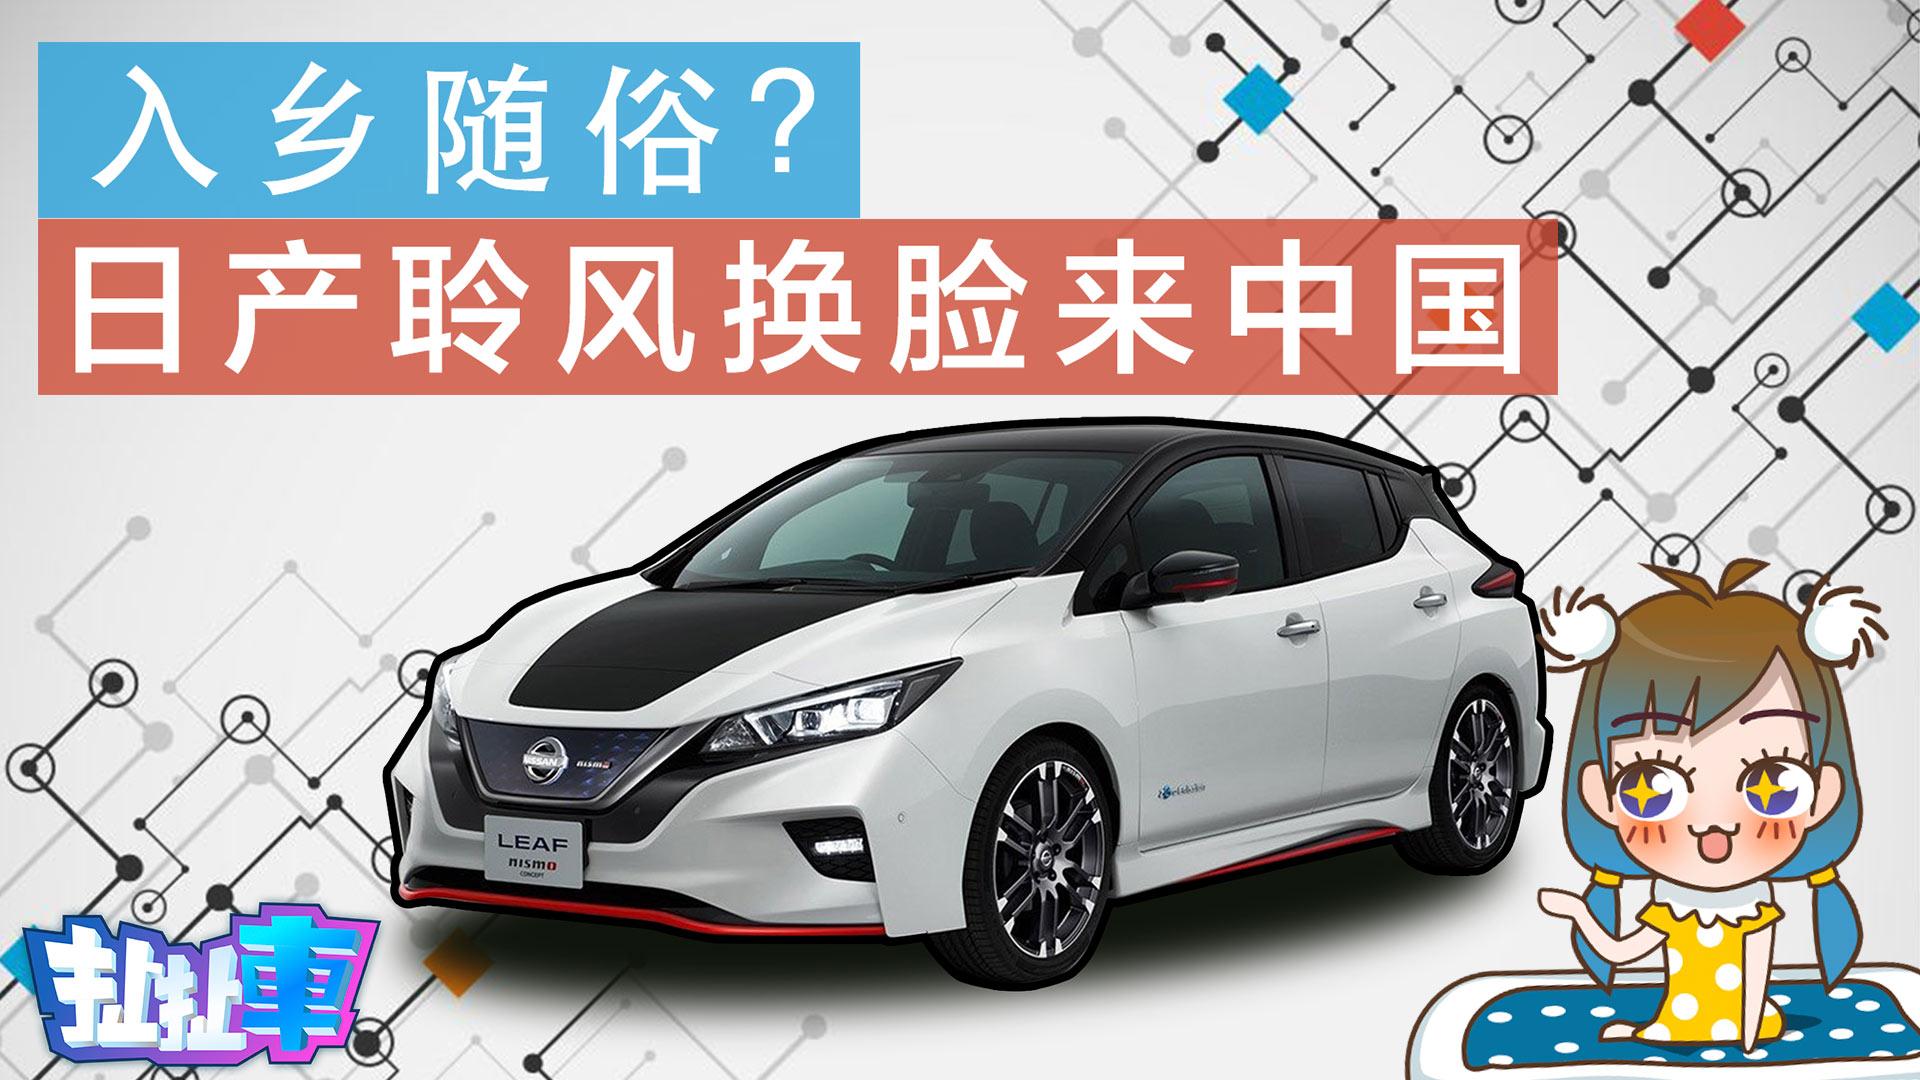 【扯扯车】日产高颜值新能源车聆风 隐姓埋名引进中国只为蹭热度